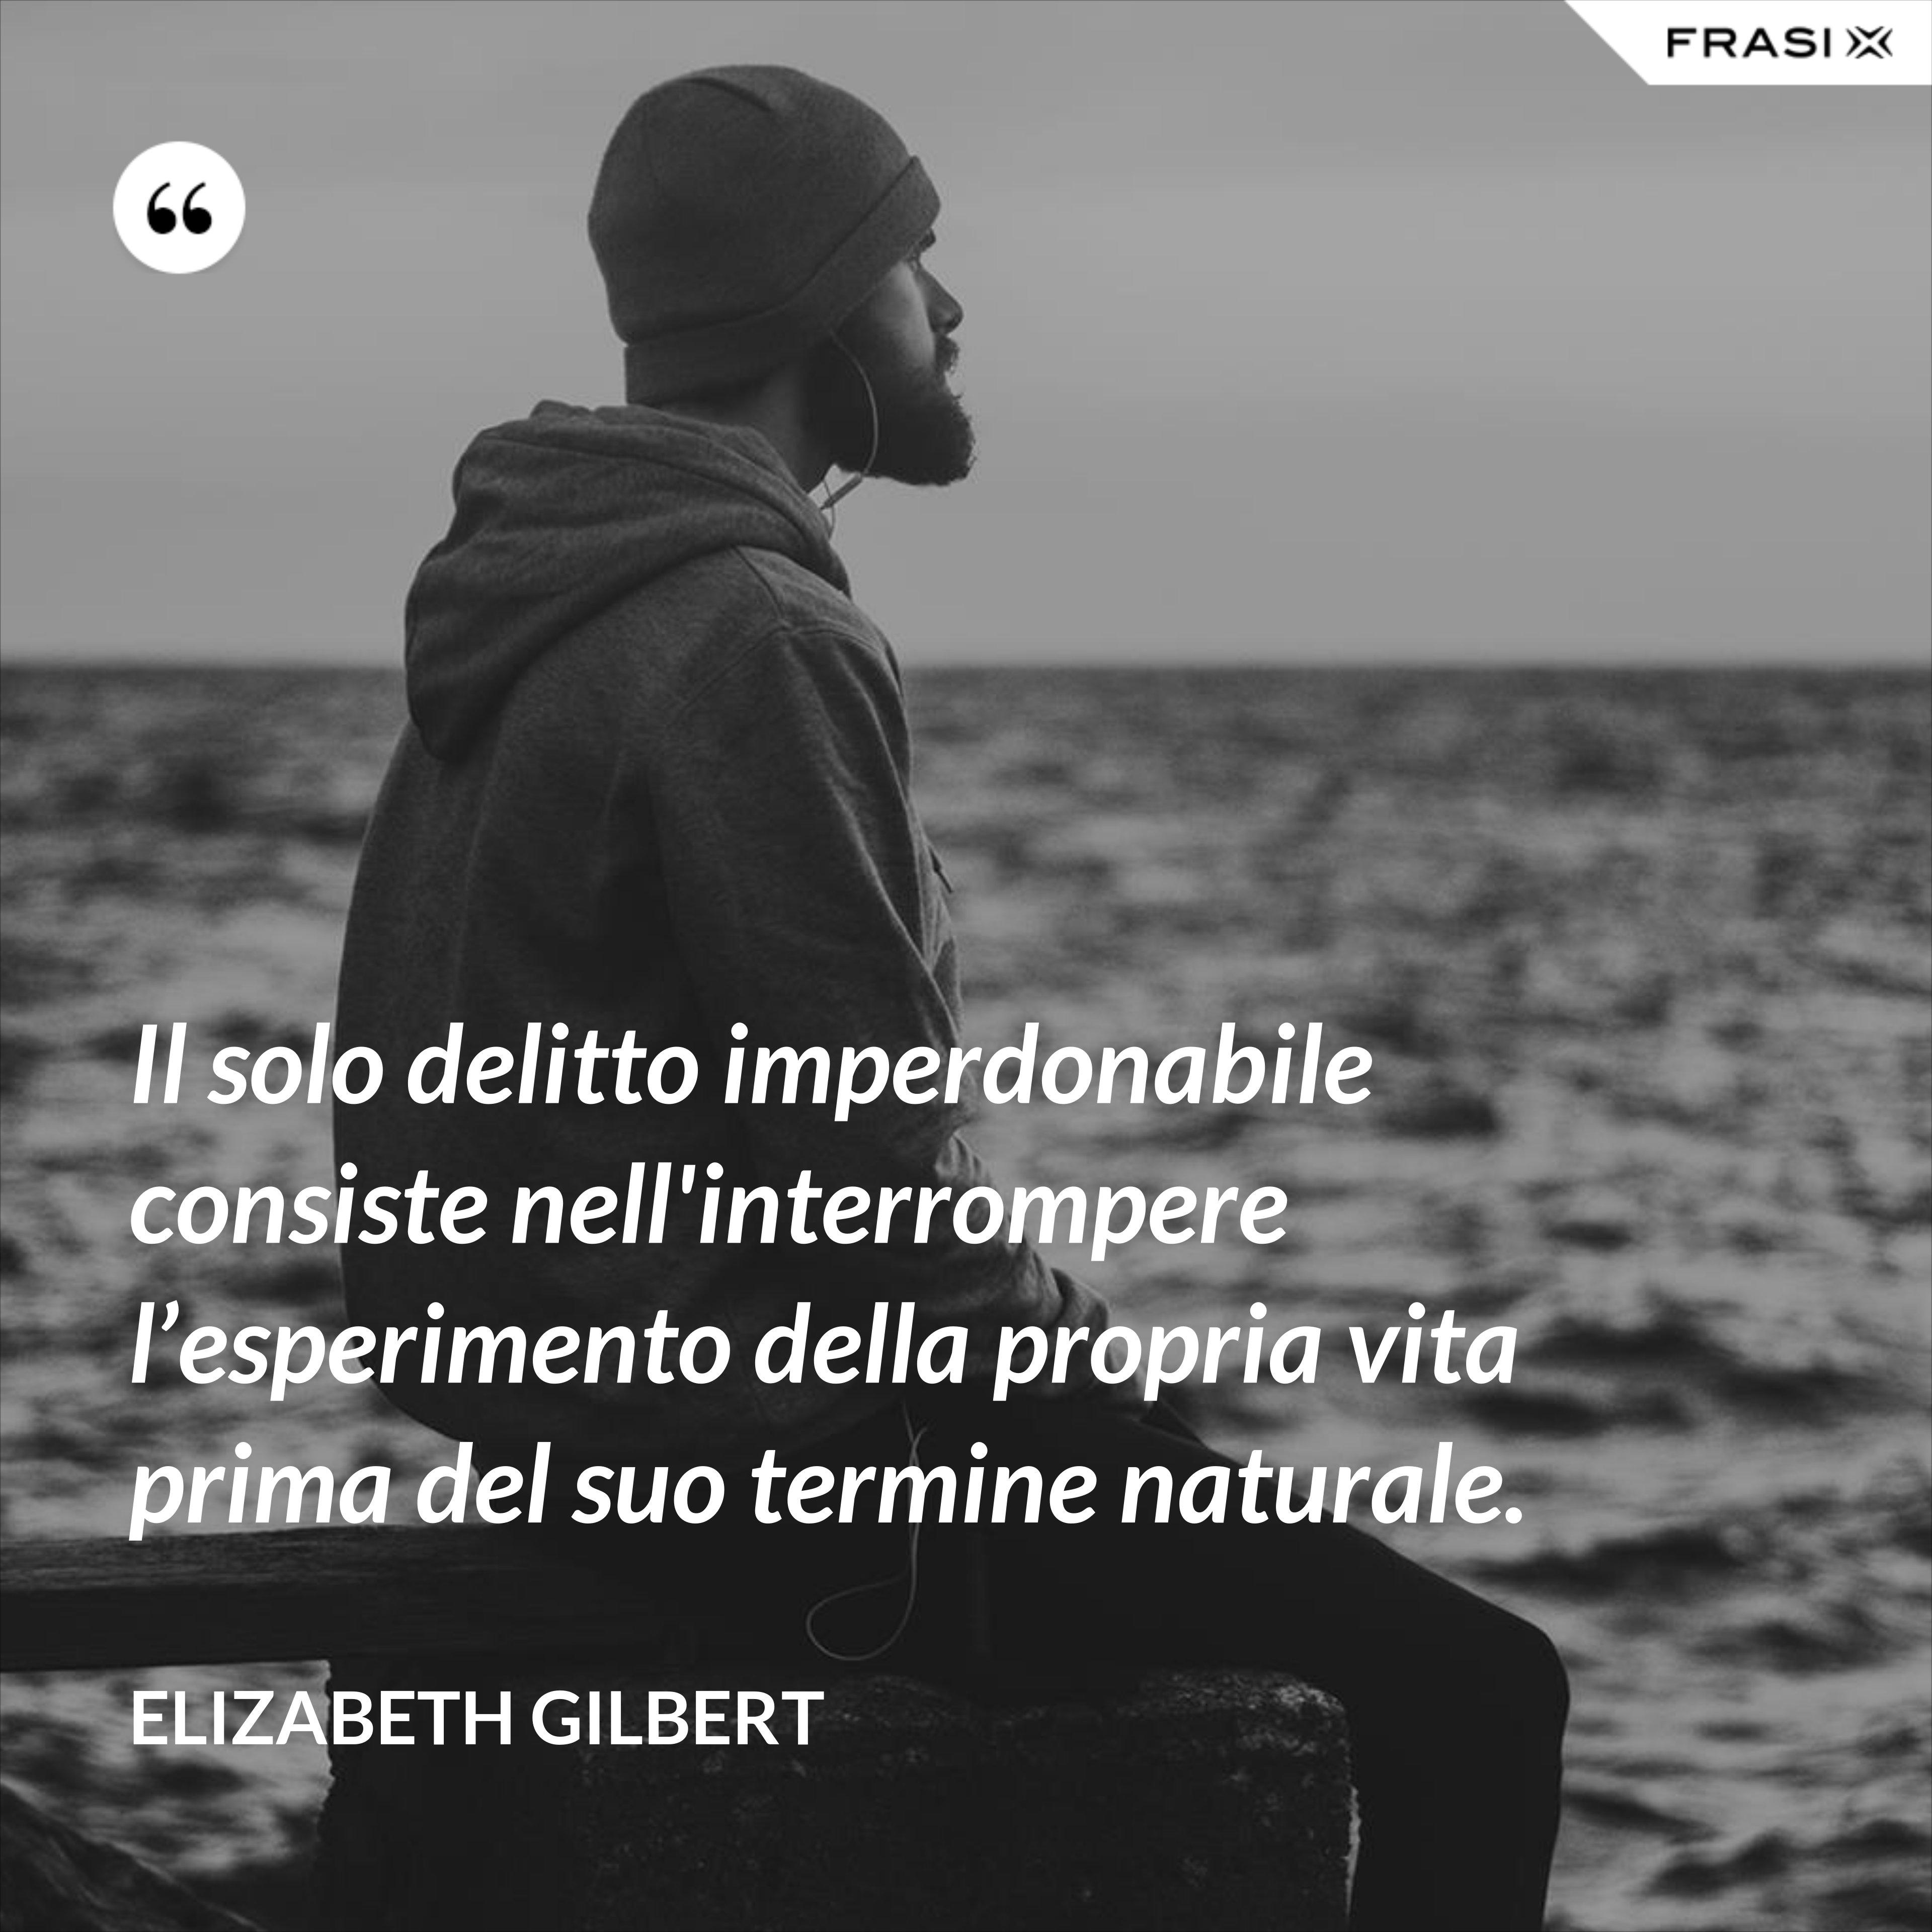 Il solo delitto imperdonabile consiste nell'interrompere l'esperimento della propria vita prima del suo termine naturale. - Elizabeth Gilbert